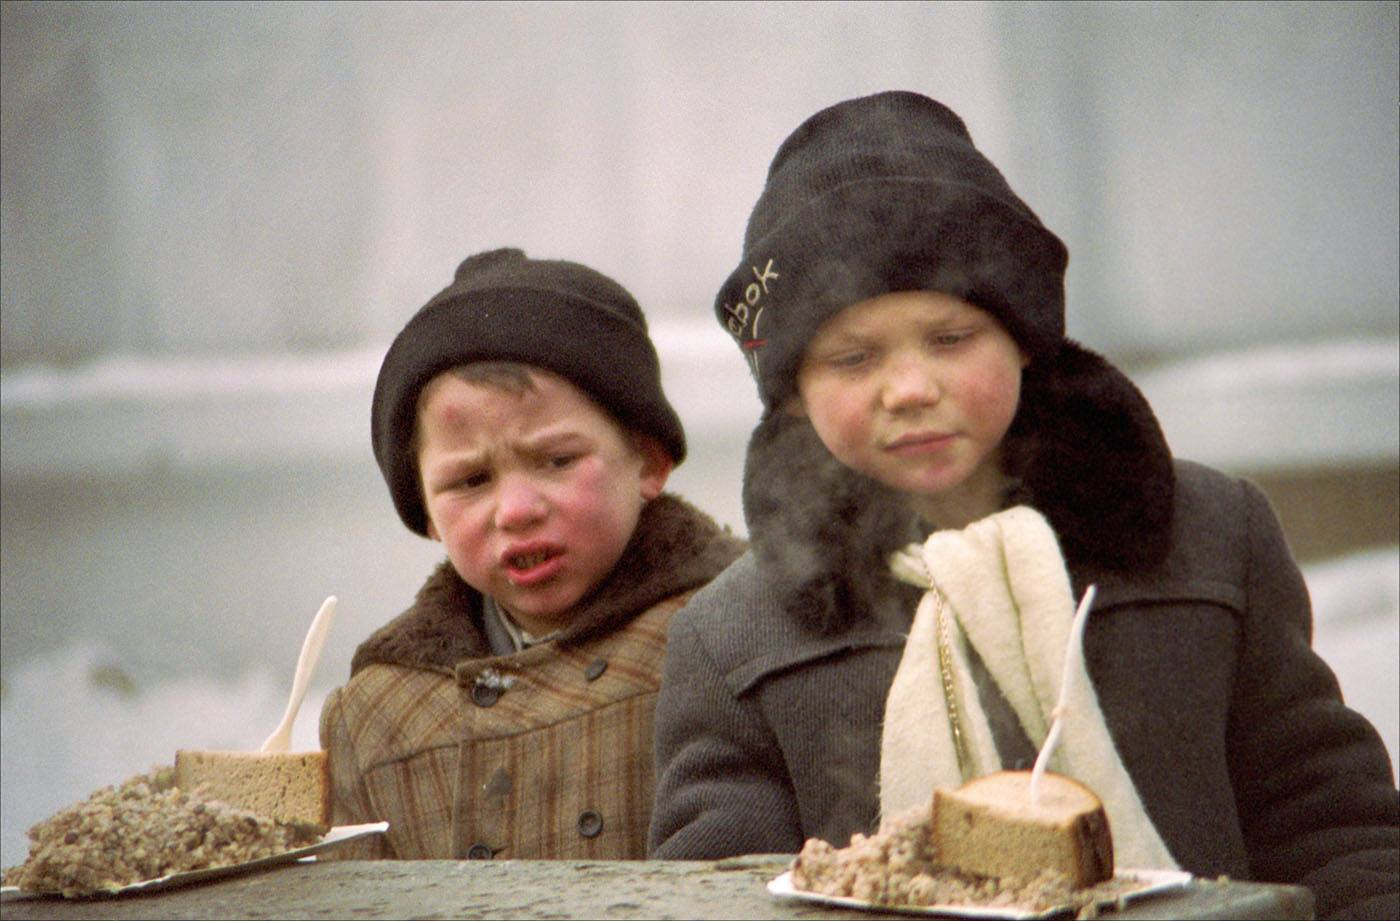 1995. Бездомные дети получают благотворительный обед. Москва